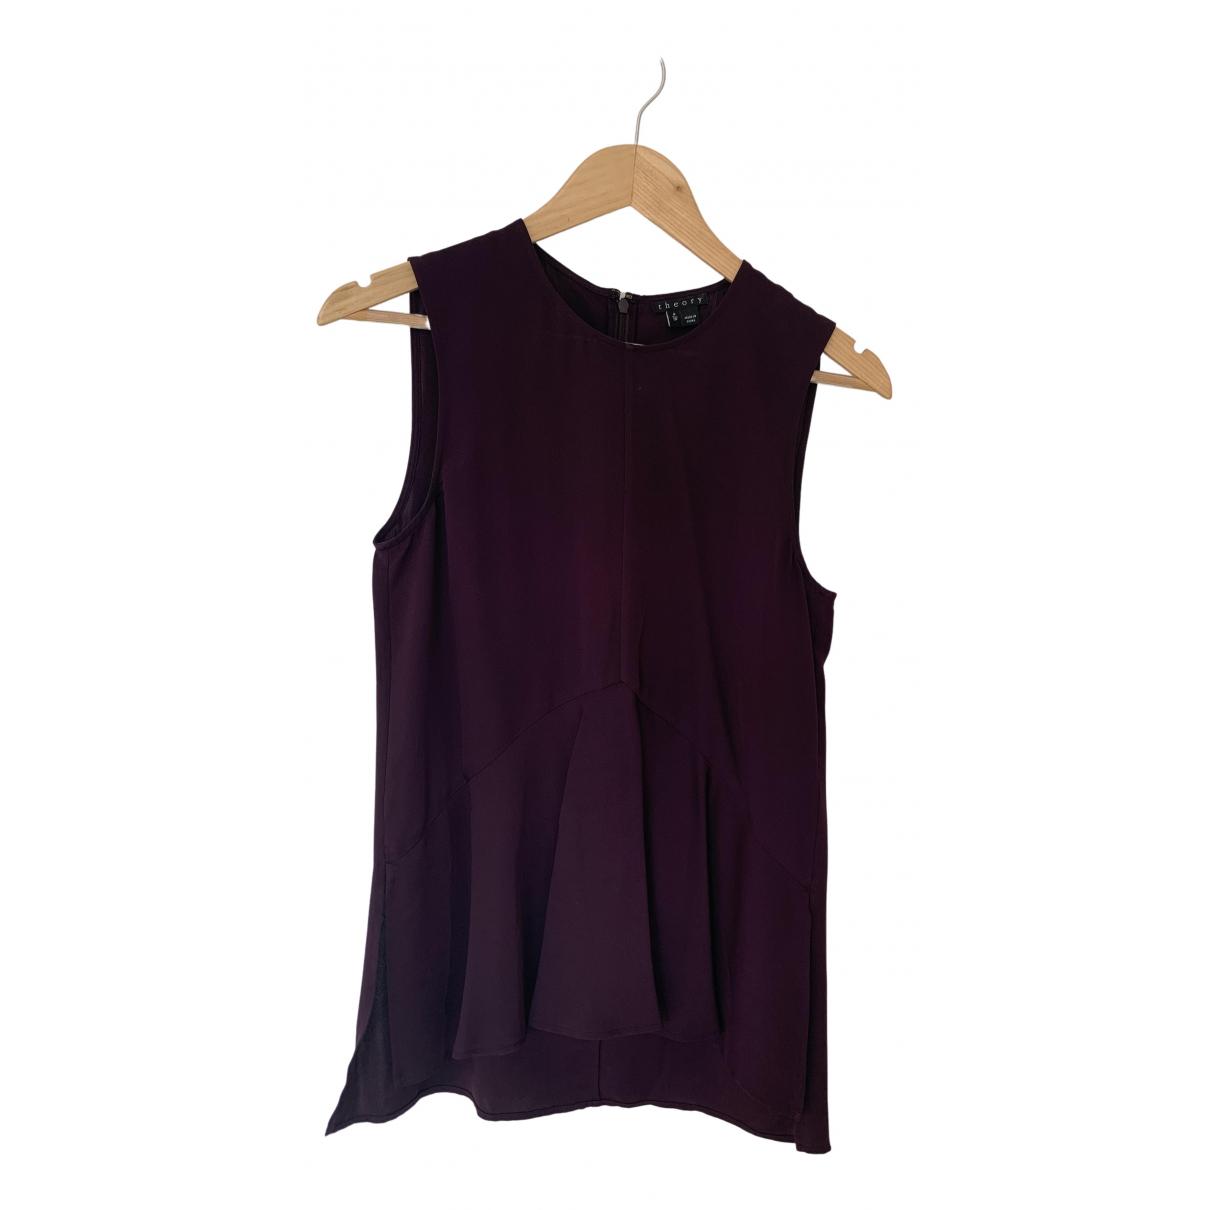 Theory - Top   pour femme en soie - violet